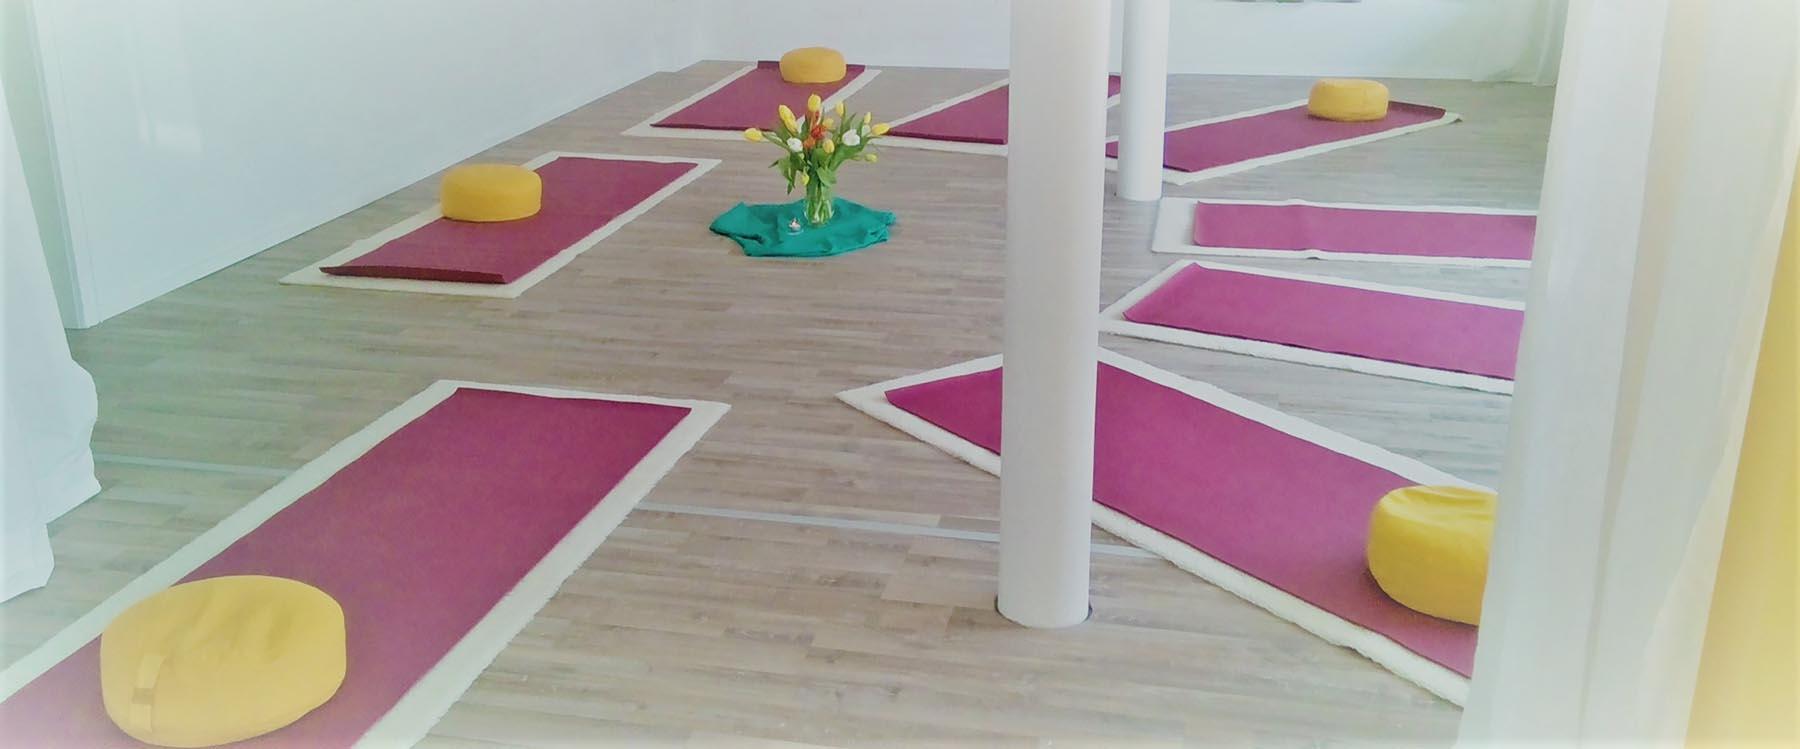 Anke Follmer, Tonantzin Yoga & Massage, Yoga Kurse, Yogagarten Aldingen